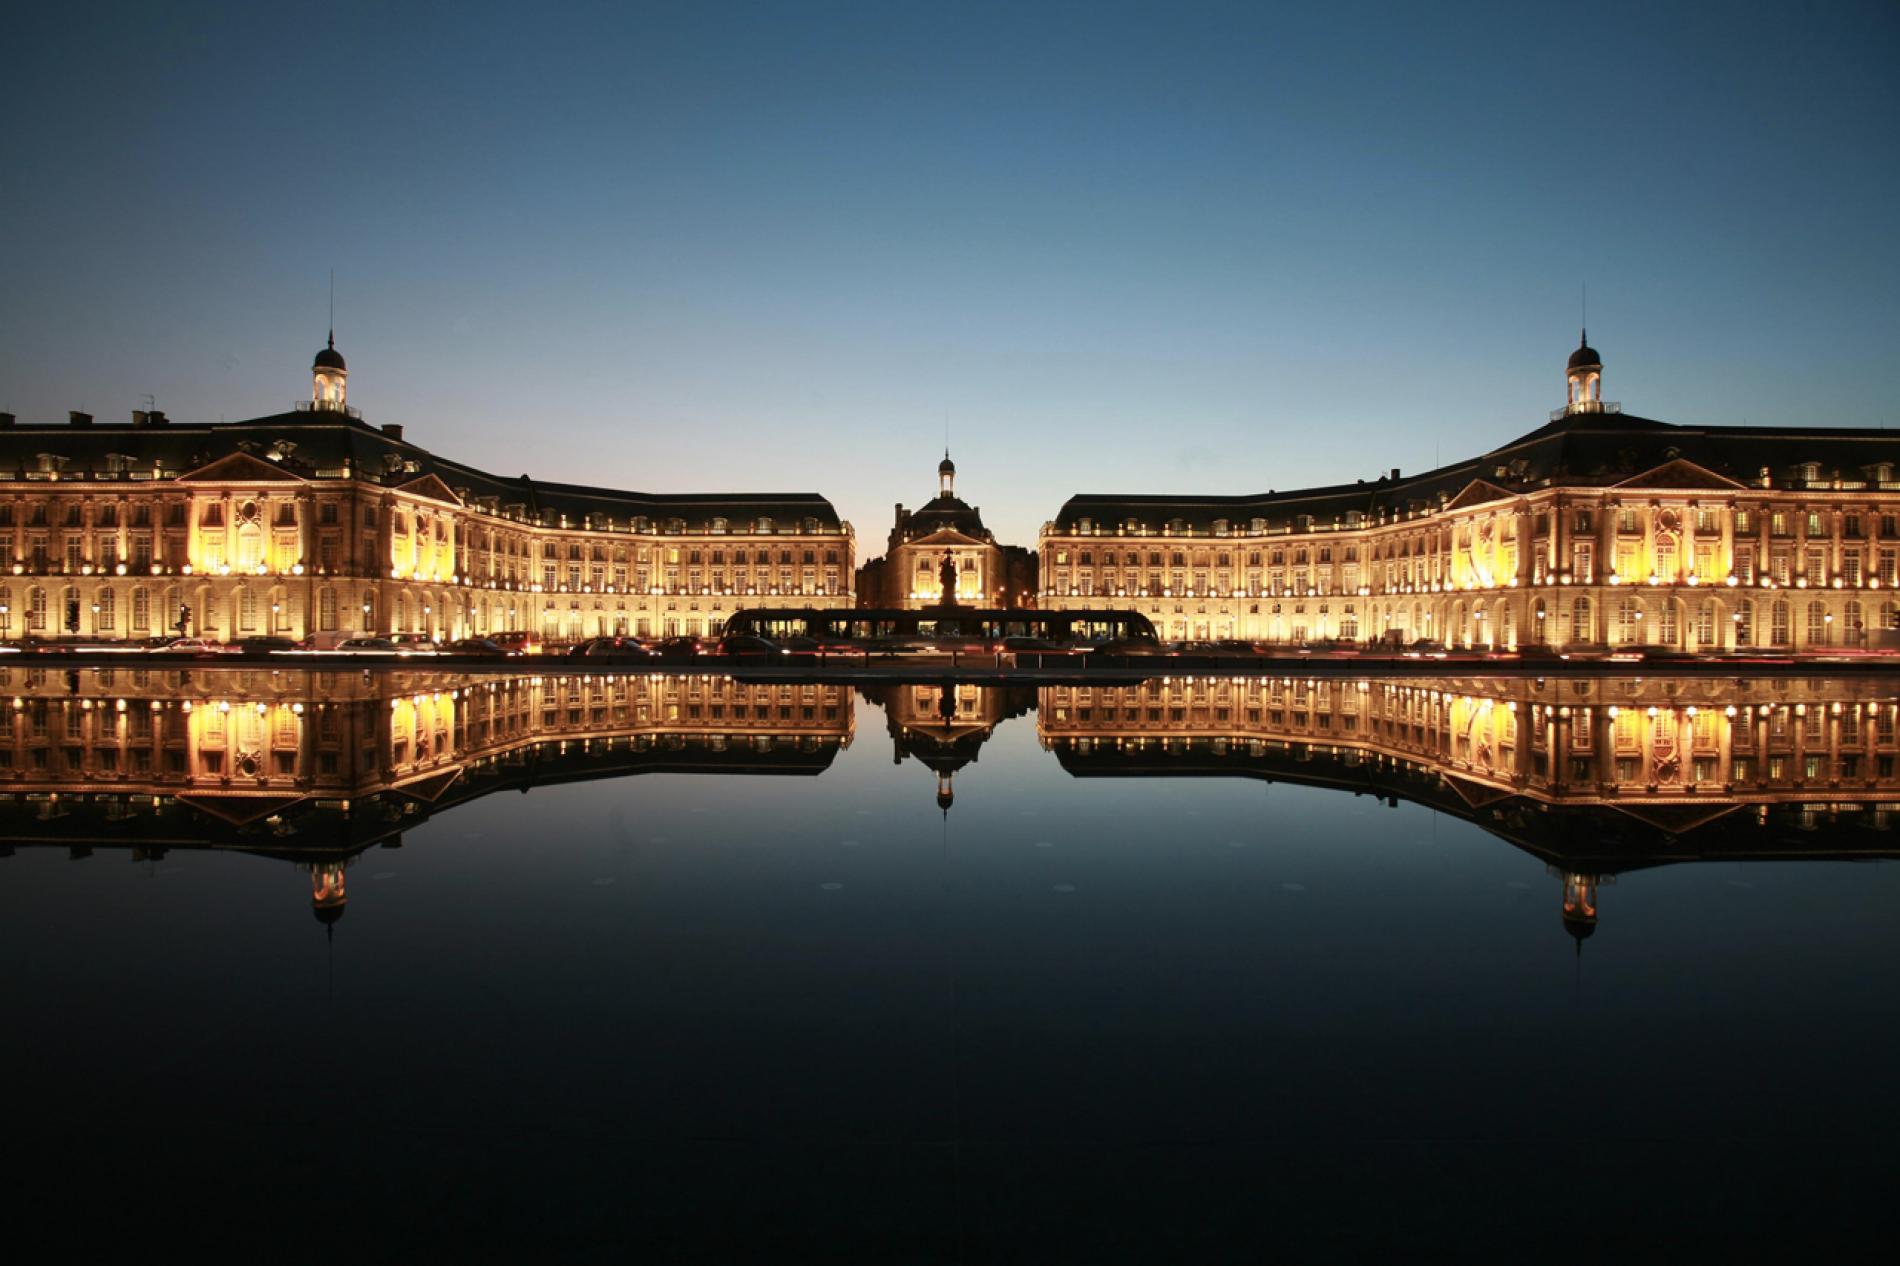 À proximité de<br> l'hôtel Novalis <br> au sud de Bordeaux <br> à Gradignan